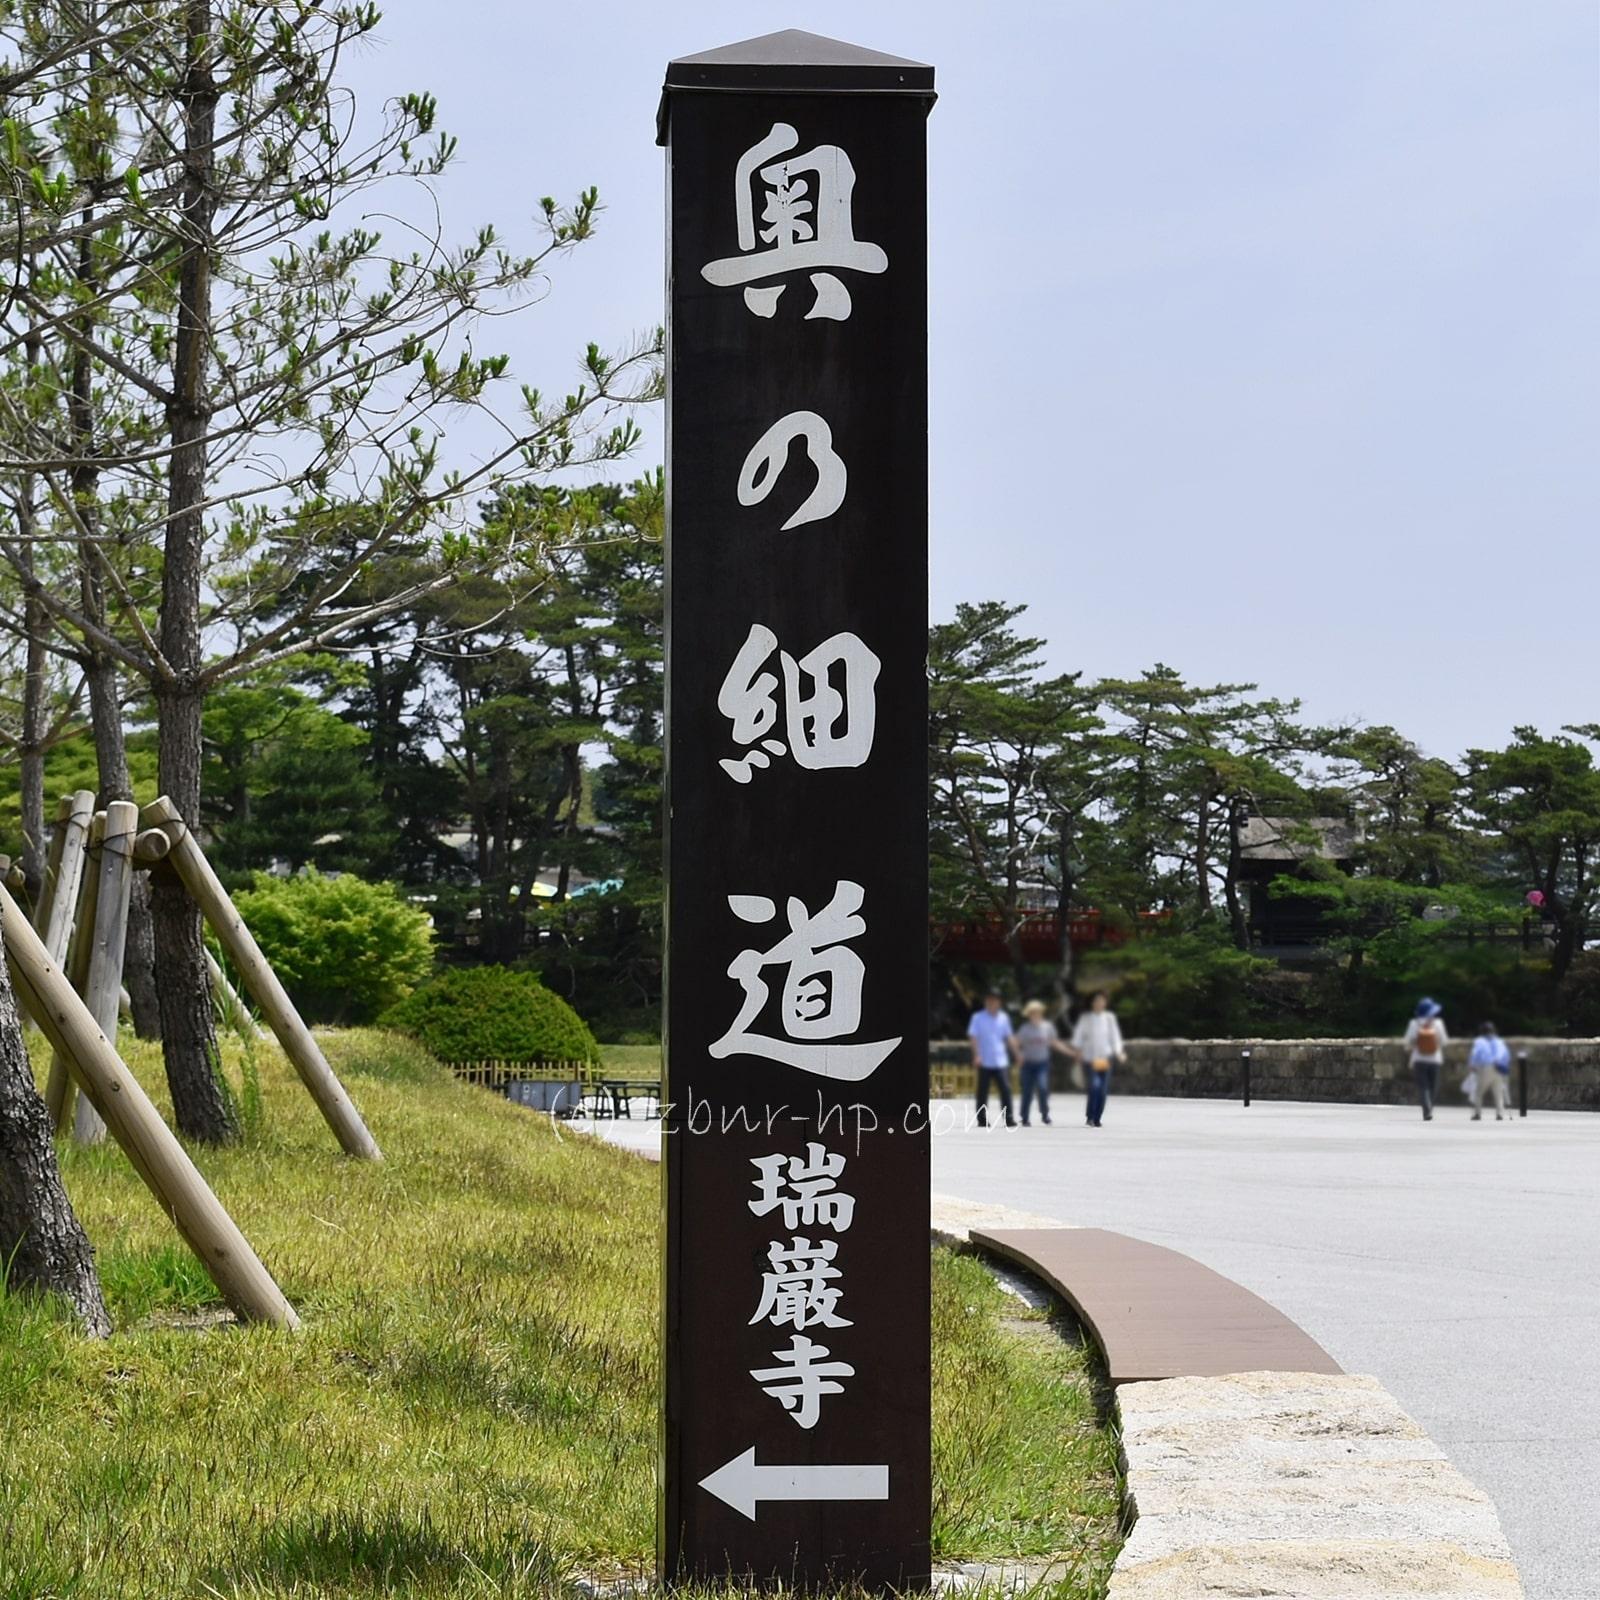 国宝 瑞巌寺に行ってきました。宮城県松島